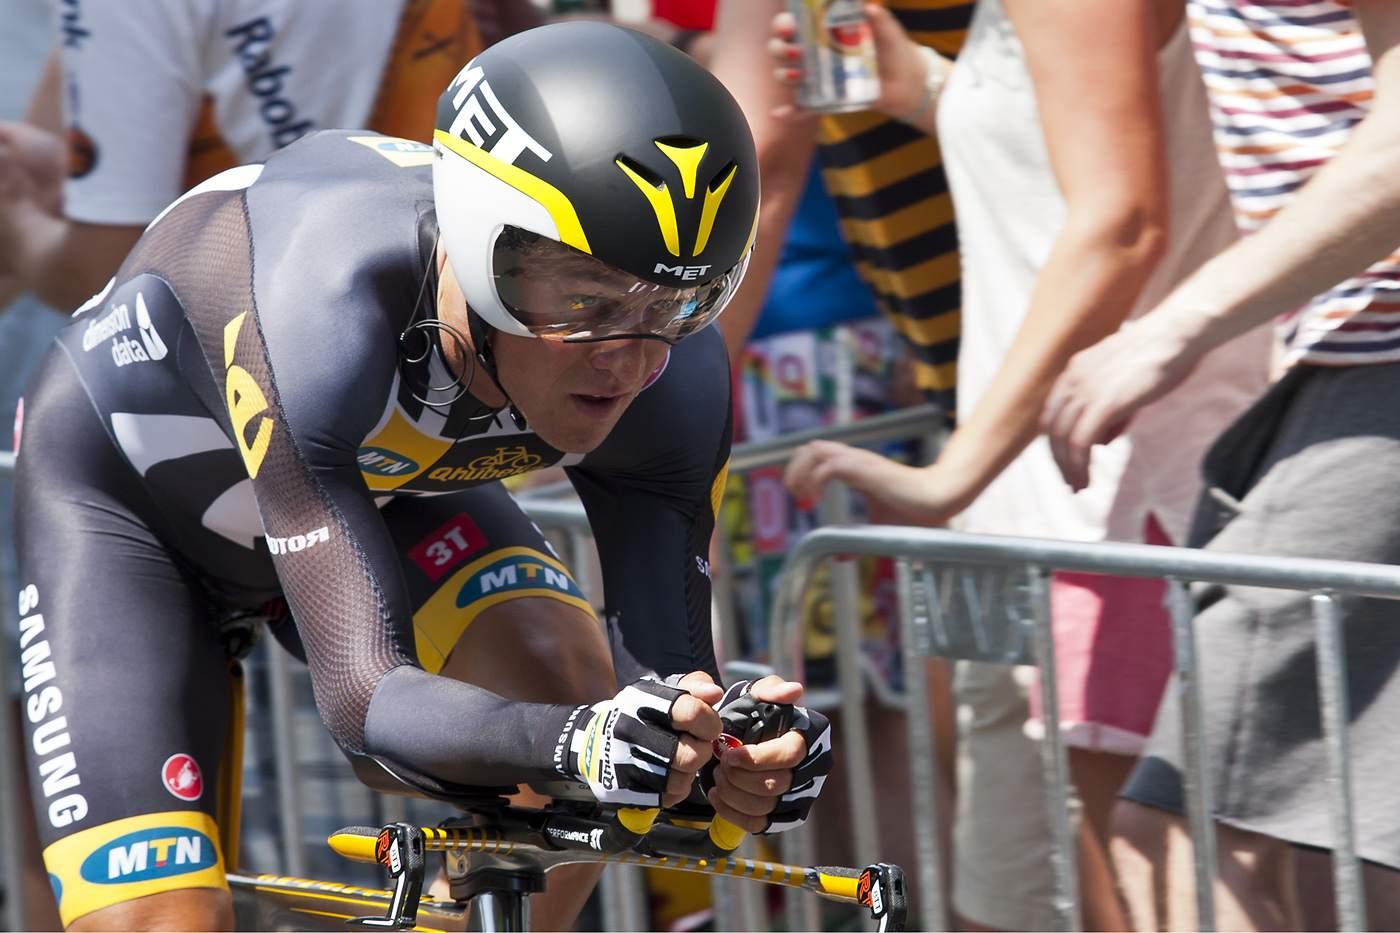 tour france 2015 pictures9 Tour de France 2015 in Pictures